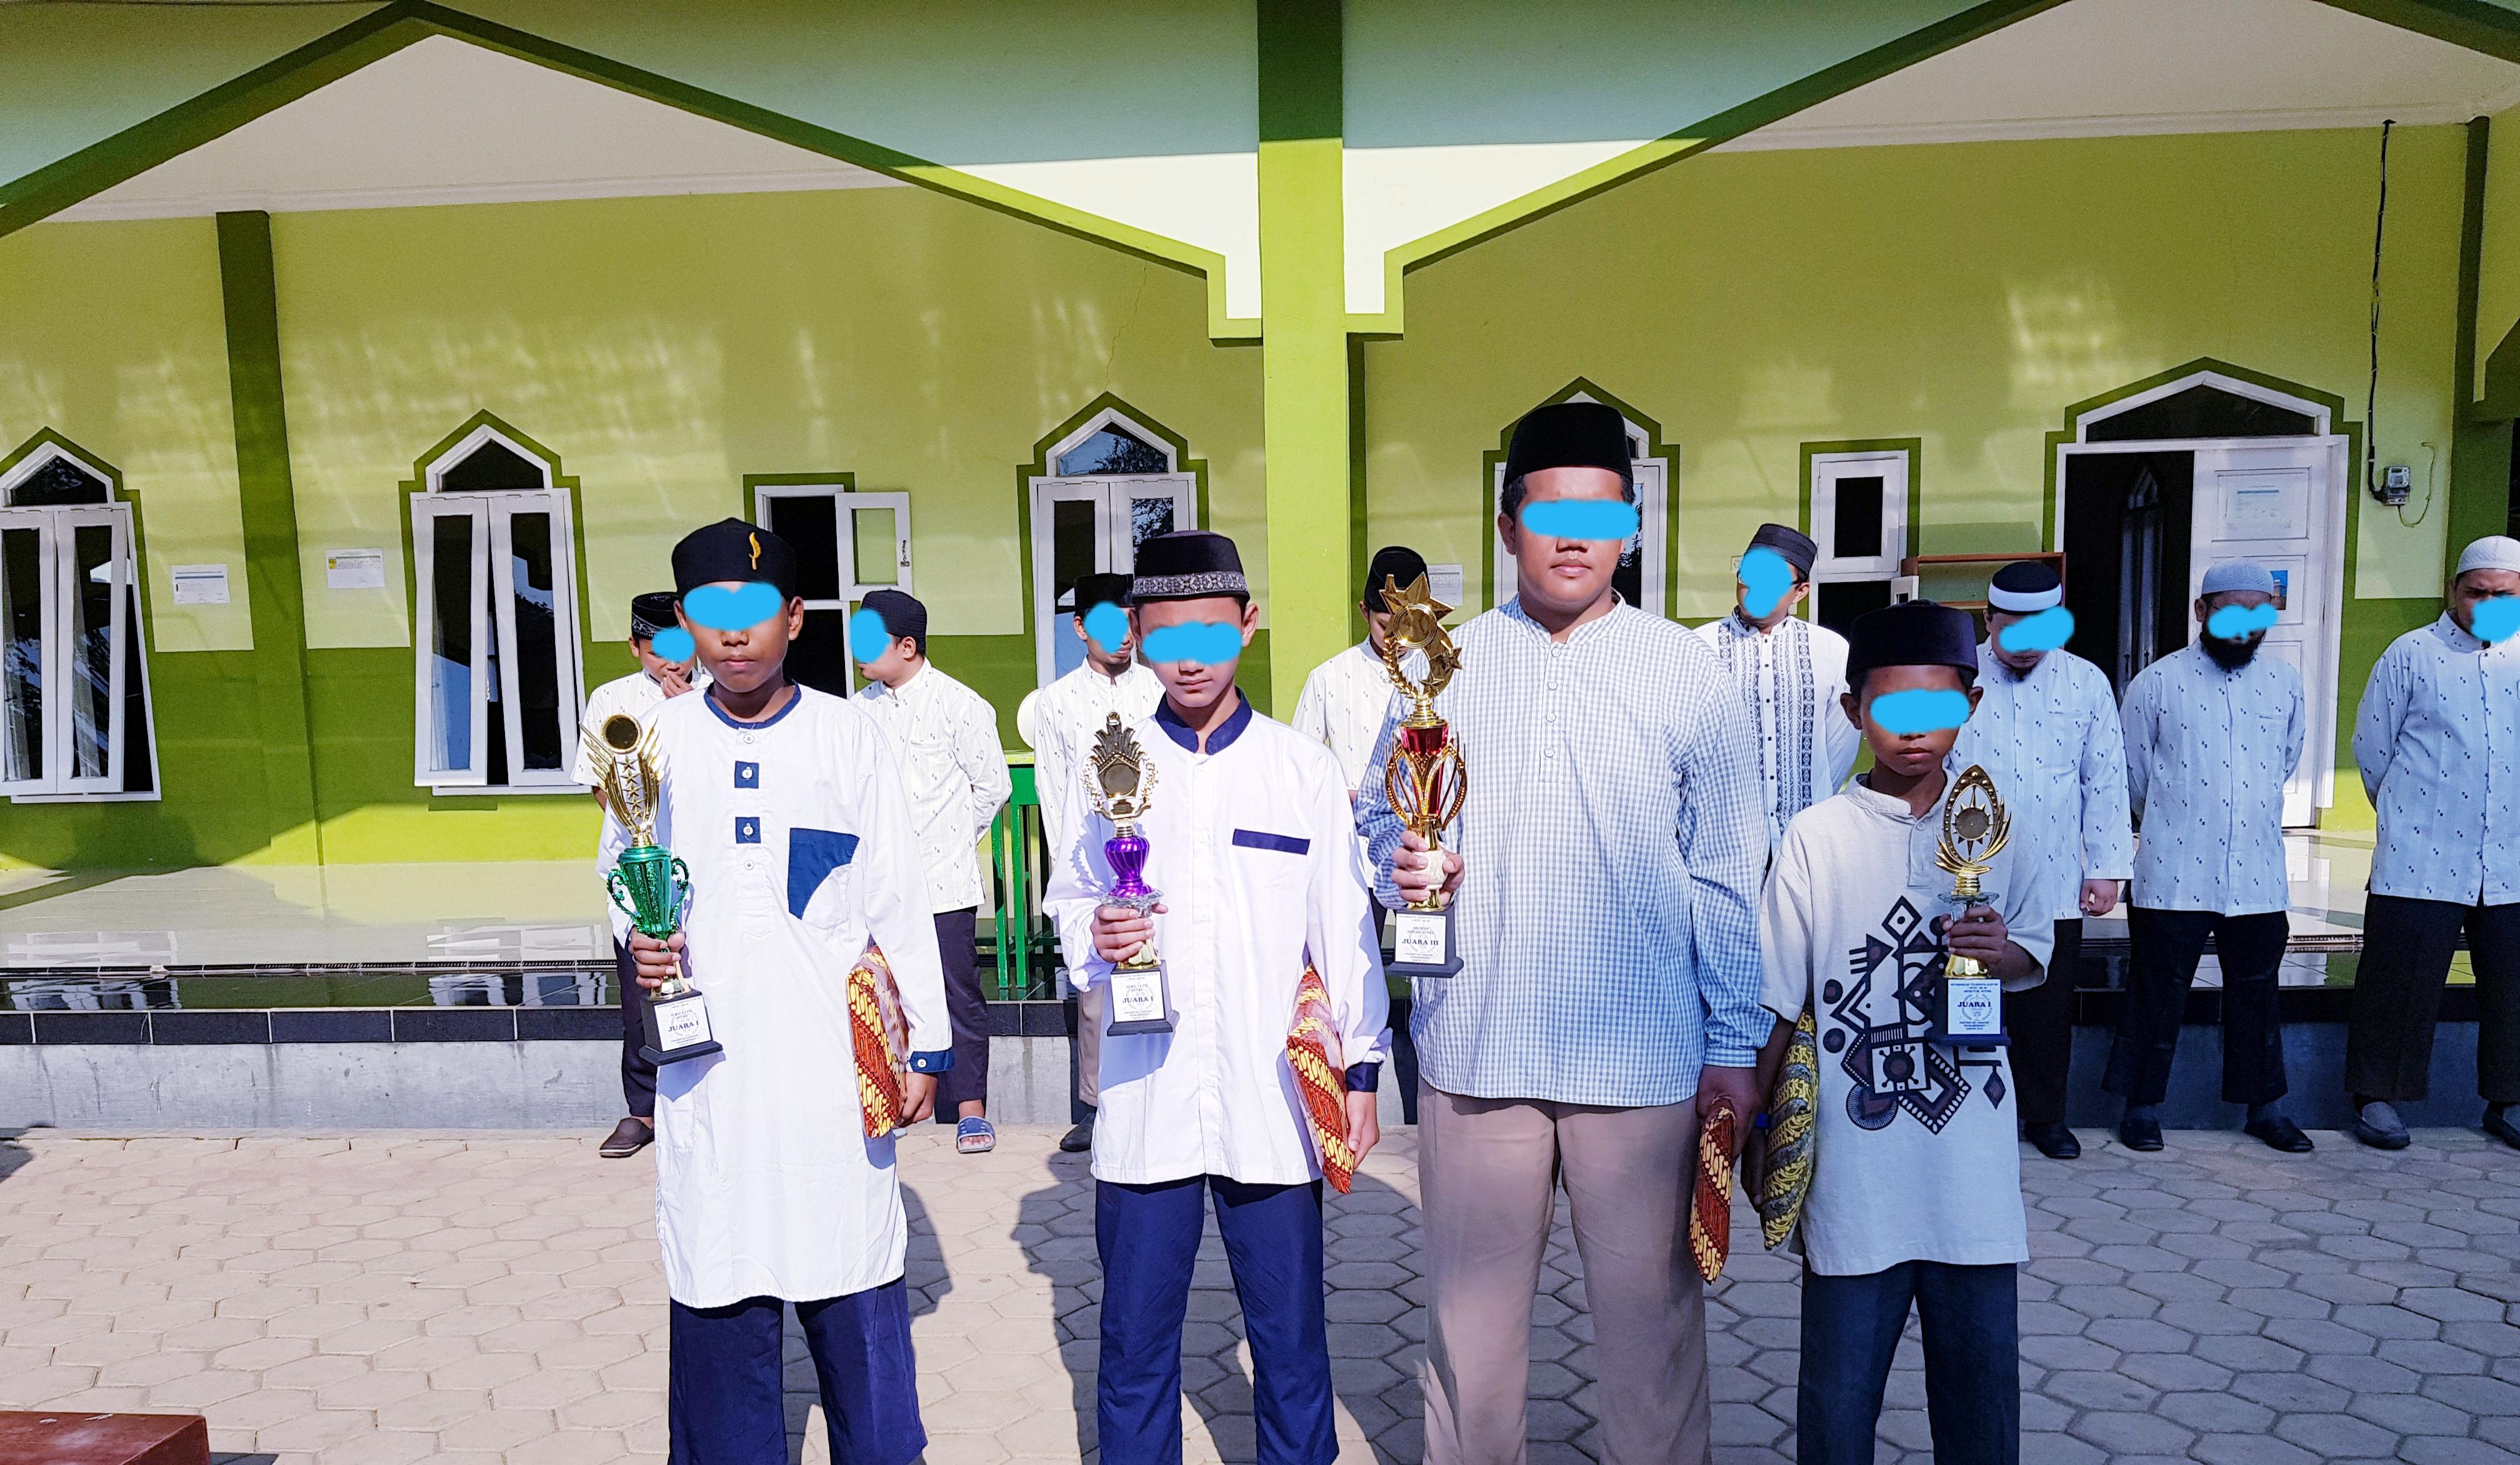 Alhamdulillah 8 Santri Rahmatika Al-Atsari Meraih Juara MTQ 2018 Kecamatan Sagalaherang